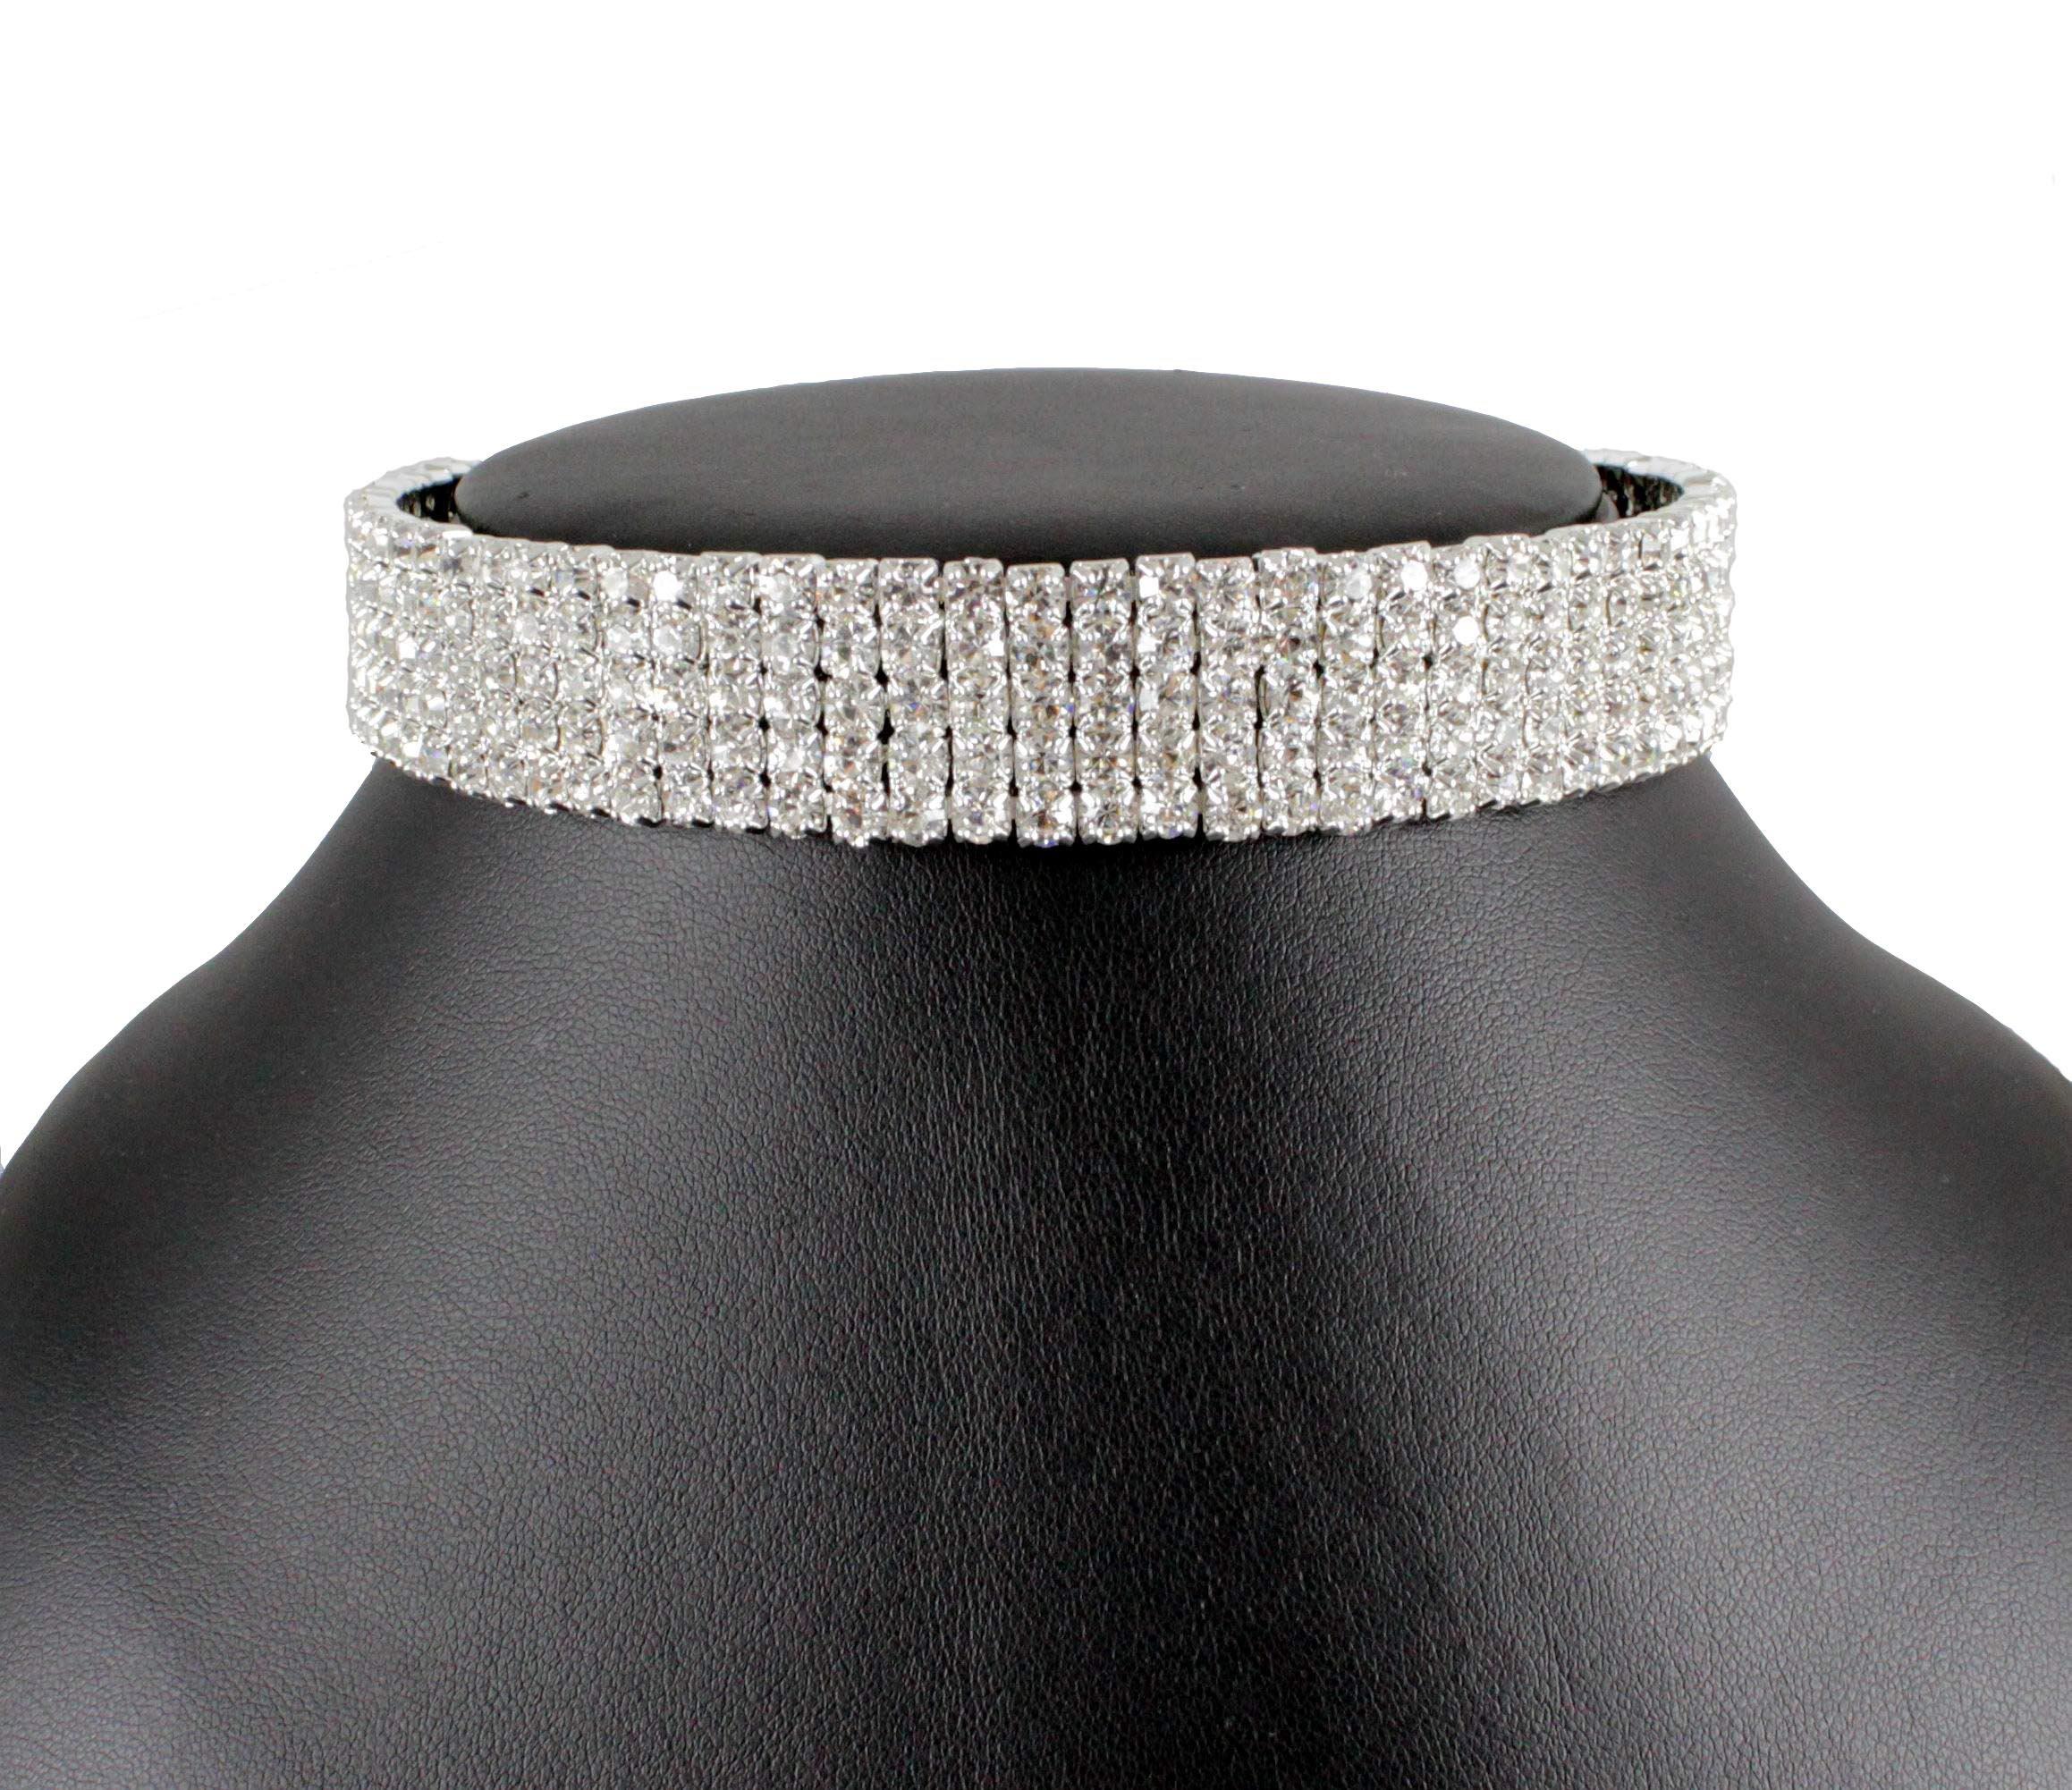 Janefashions 5-row Clear Austrian Rhinestone Crystal Choker Necklace Party Wedding Prom N060 Silver